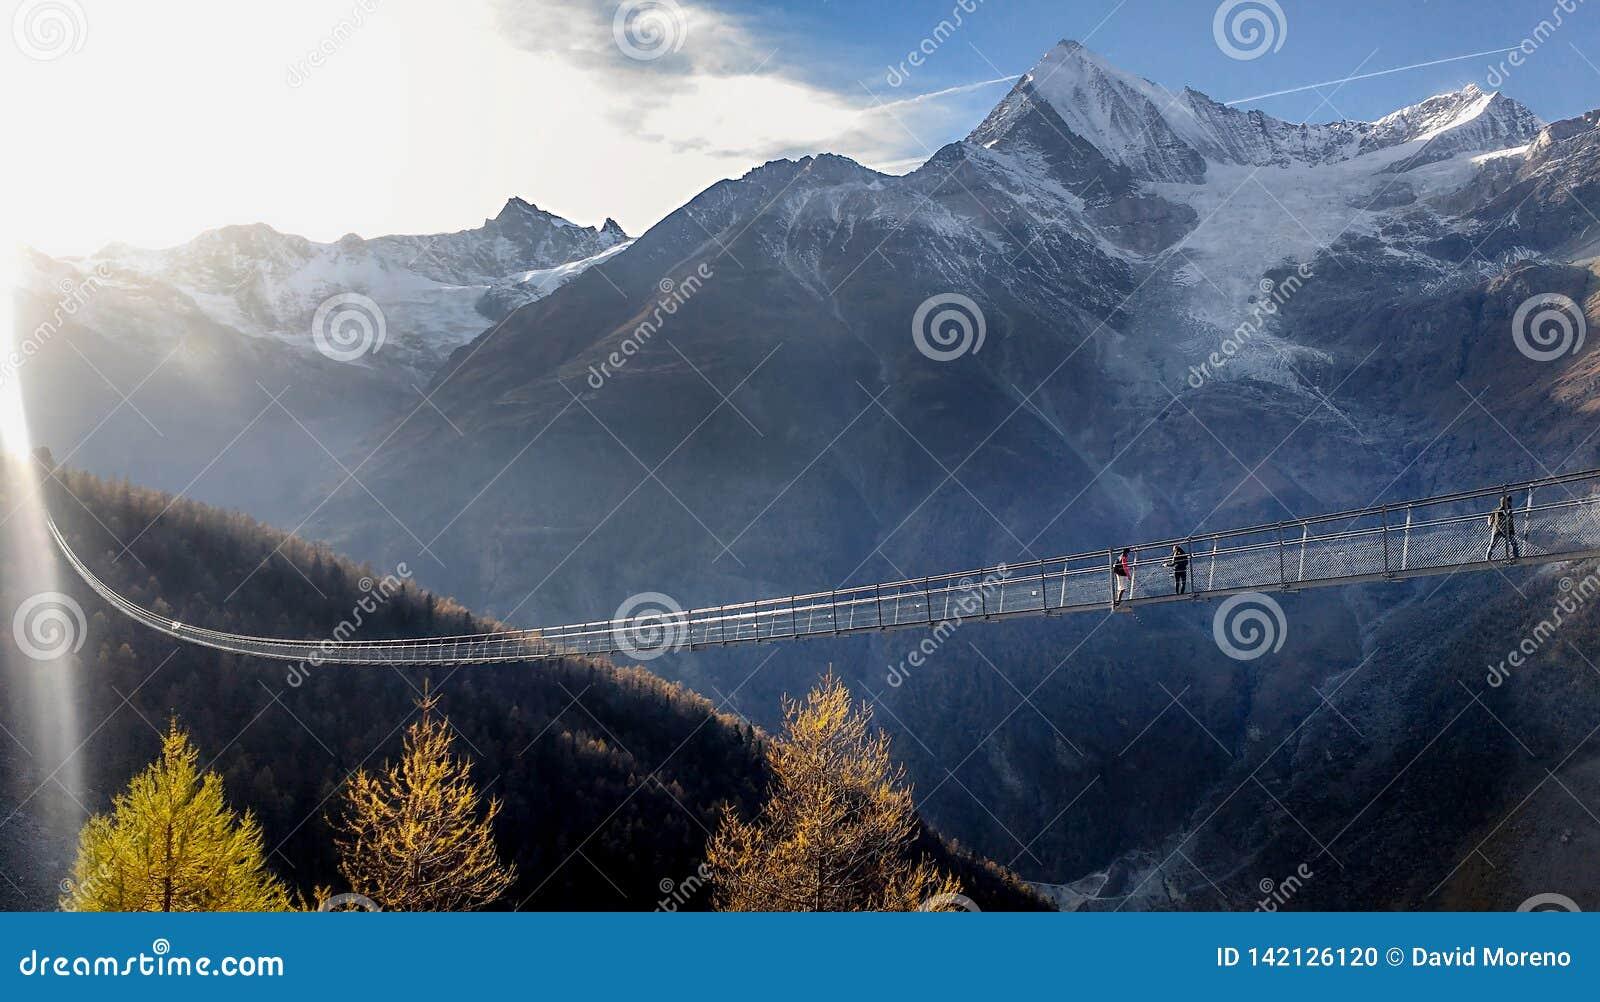 长的暂停的桥梁横穿深渊在瑞士